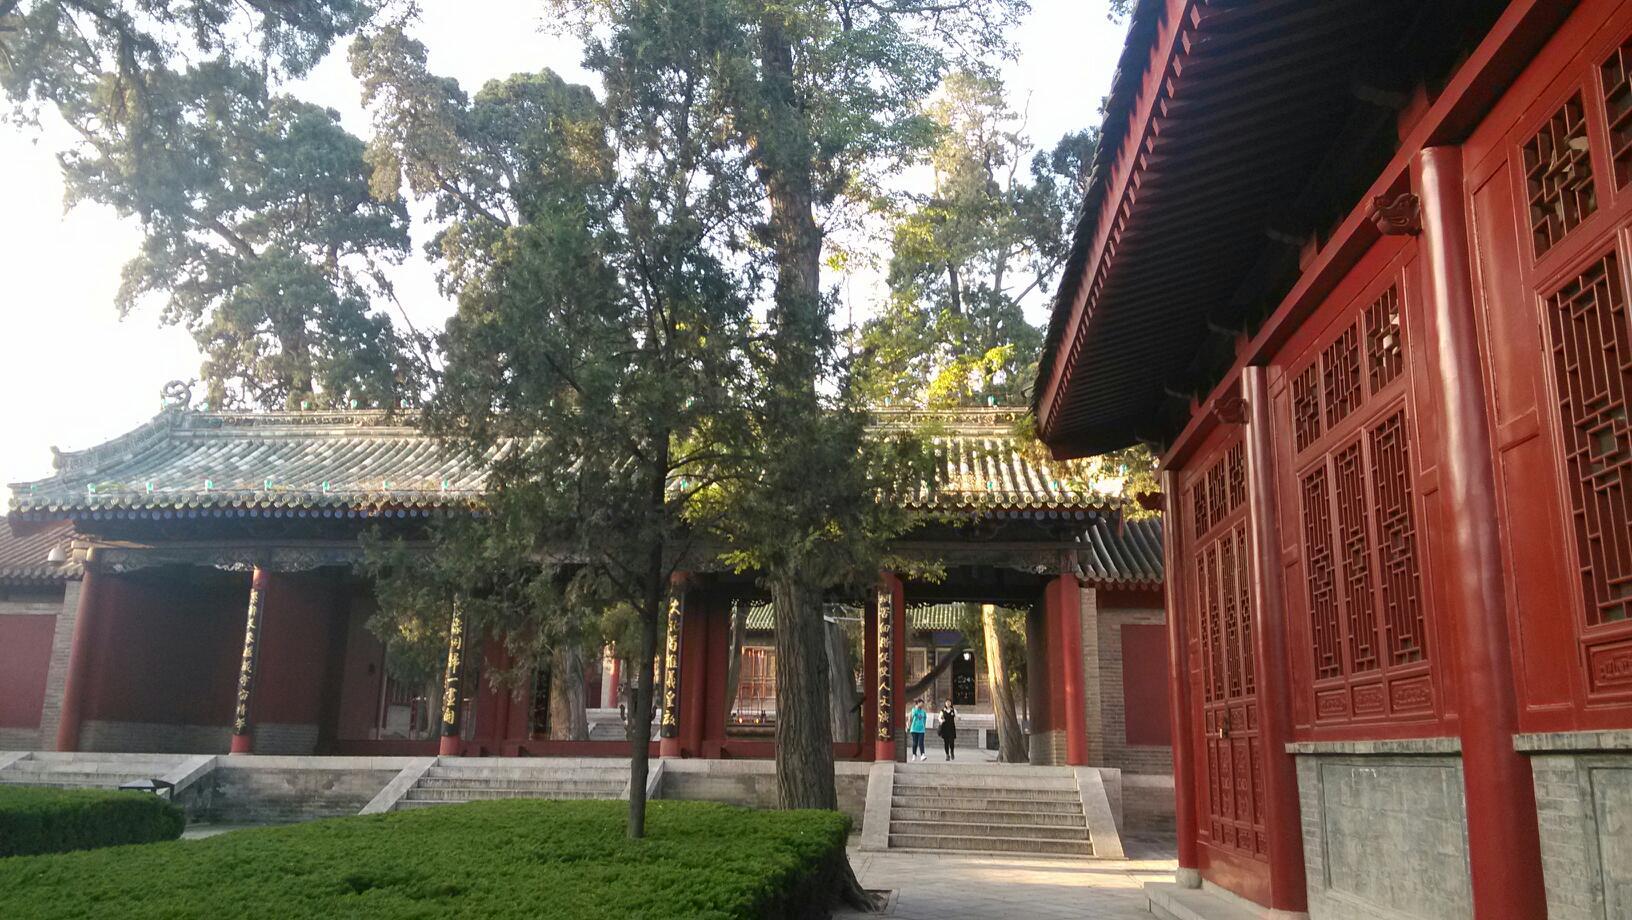 就和一般的庙的构造基本相似